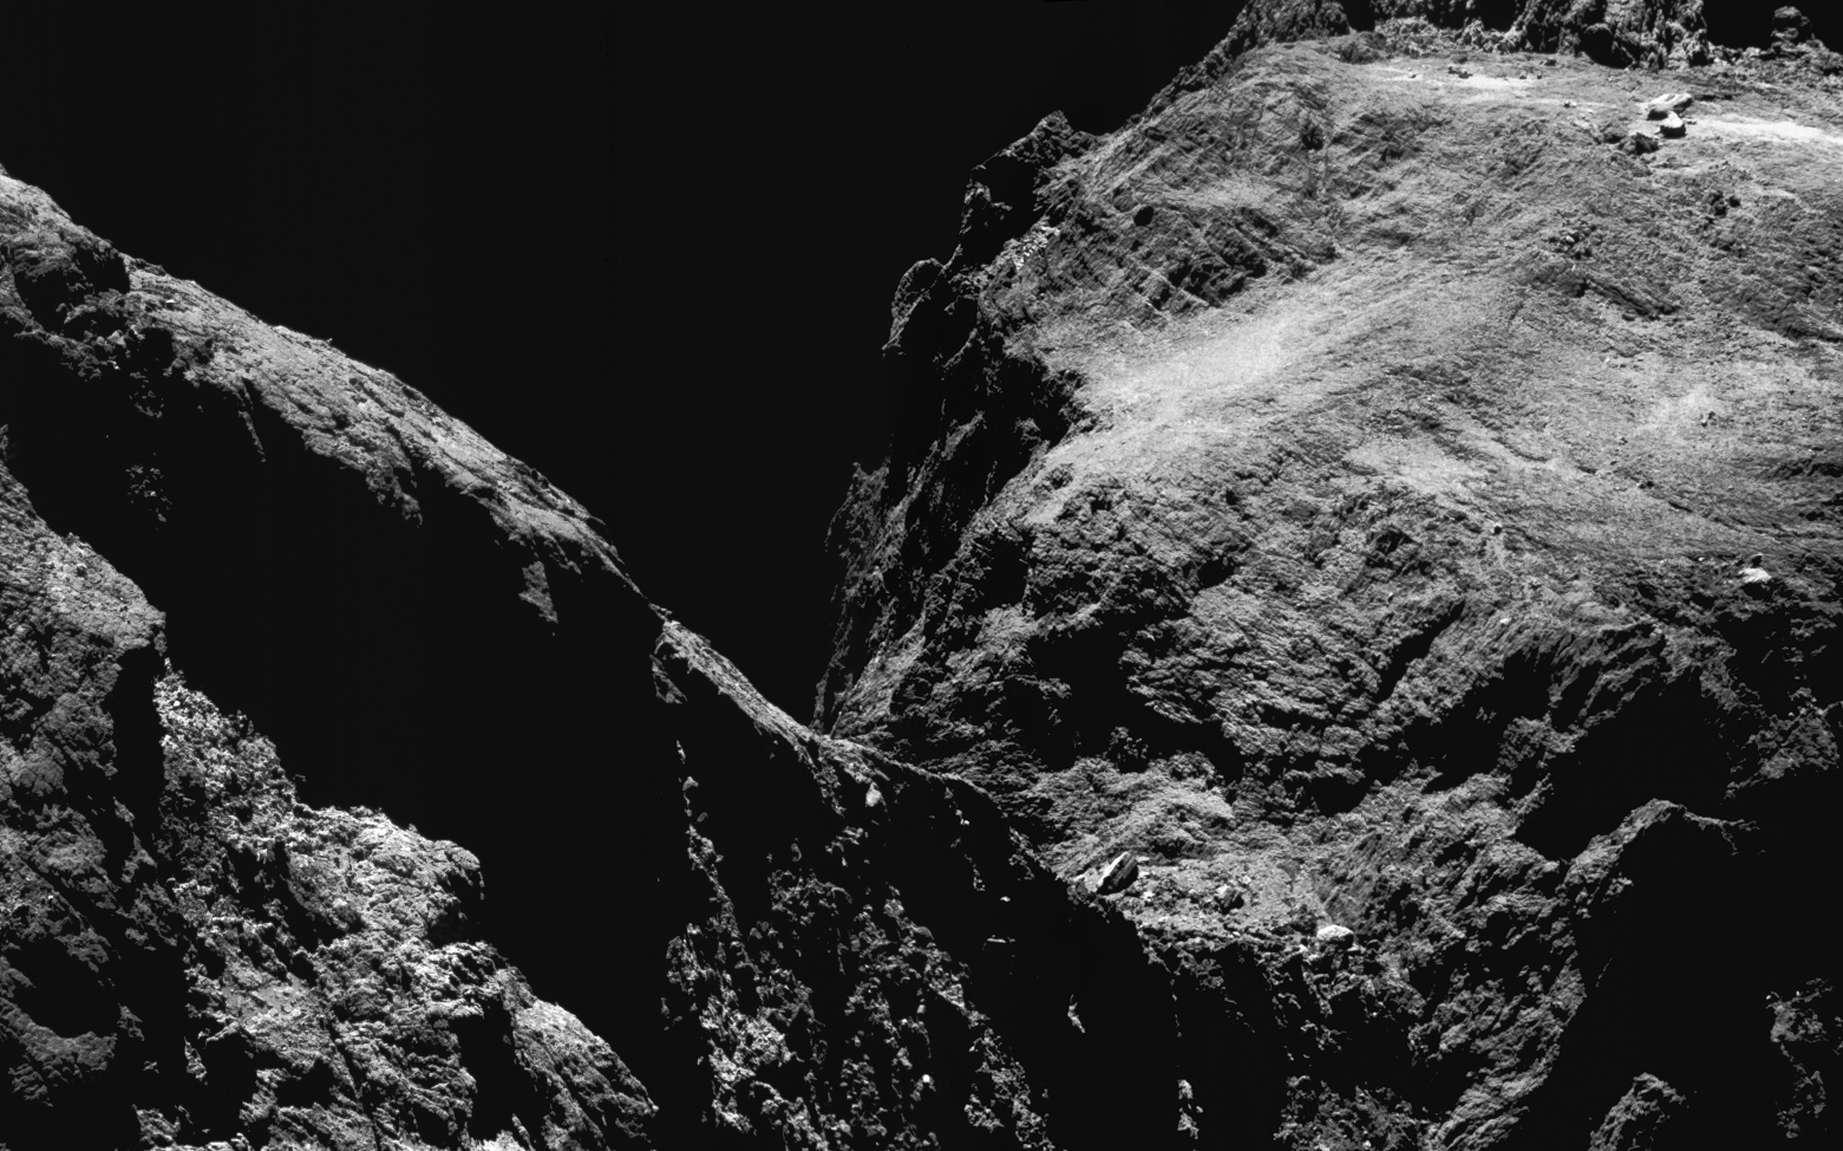 Gros plan sur la comète Tchouri. La sonde Rosetta n'était alors qu'à 9,9 km du centre du noyau cométaire. © ESA, Rosetta, Navcam, CC BY-SA IGO 3.0